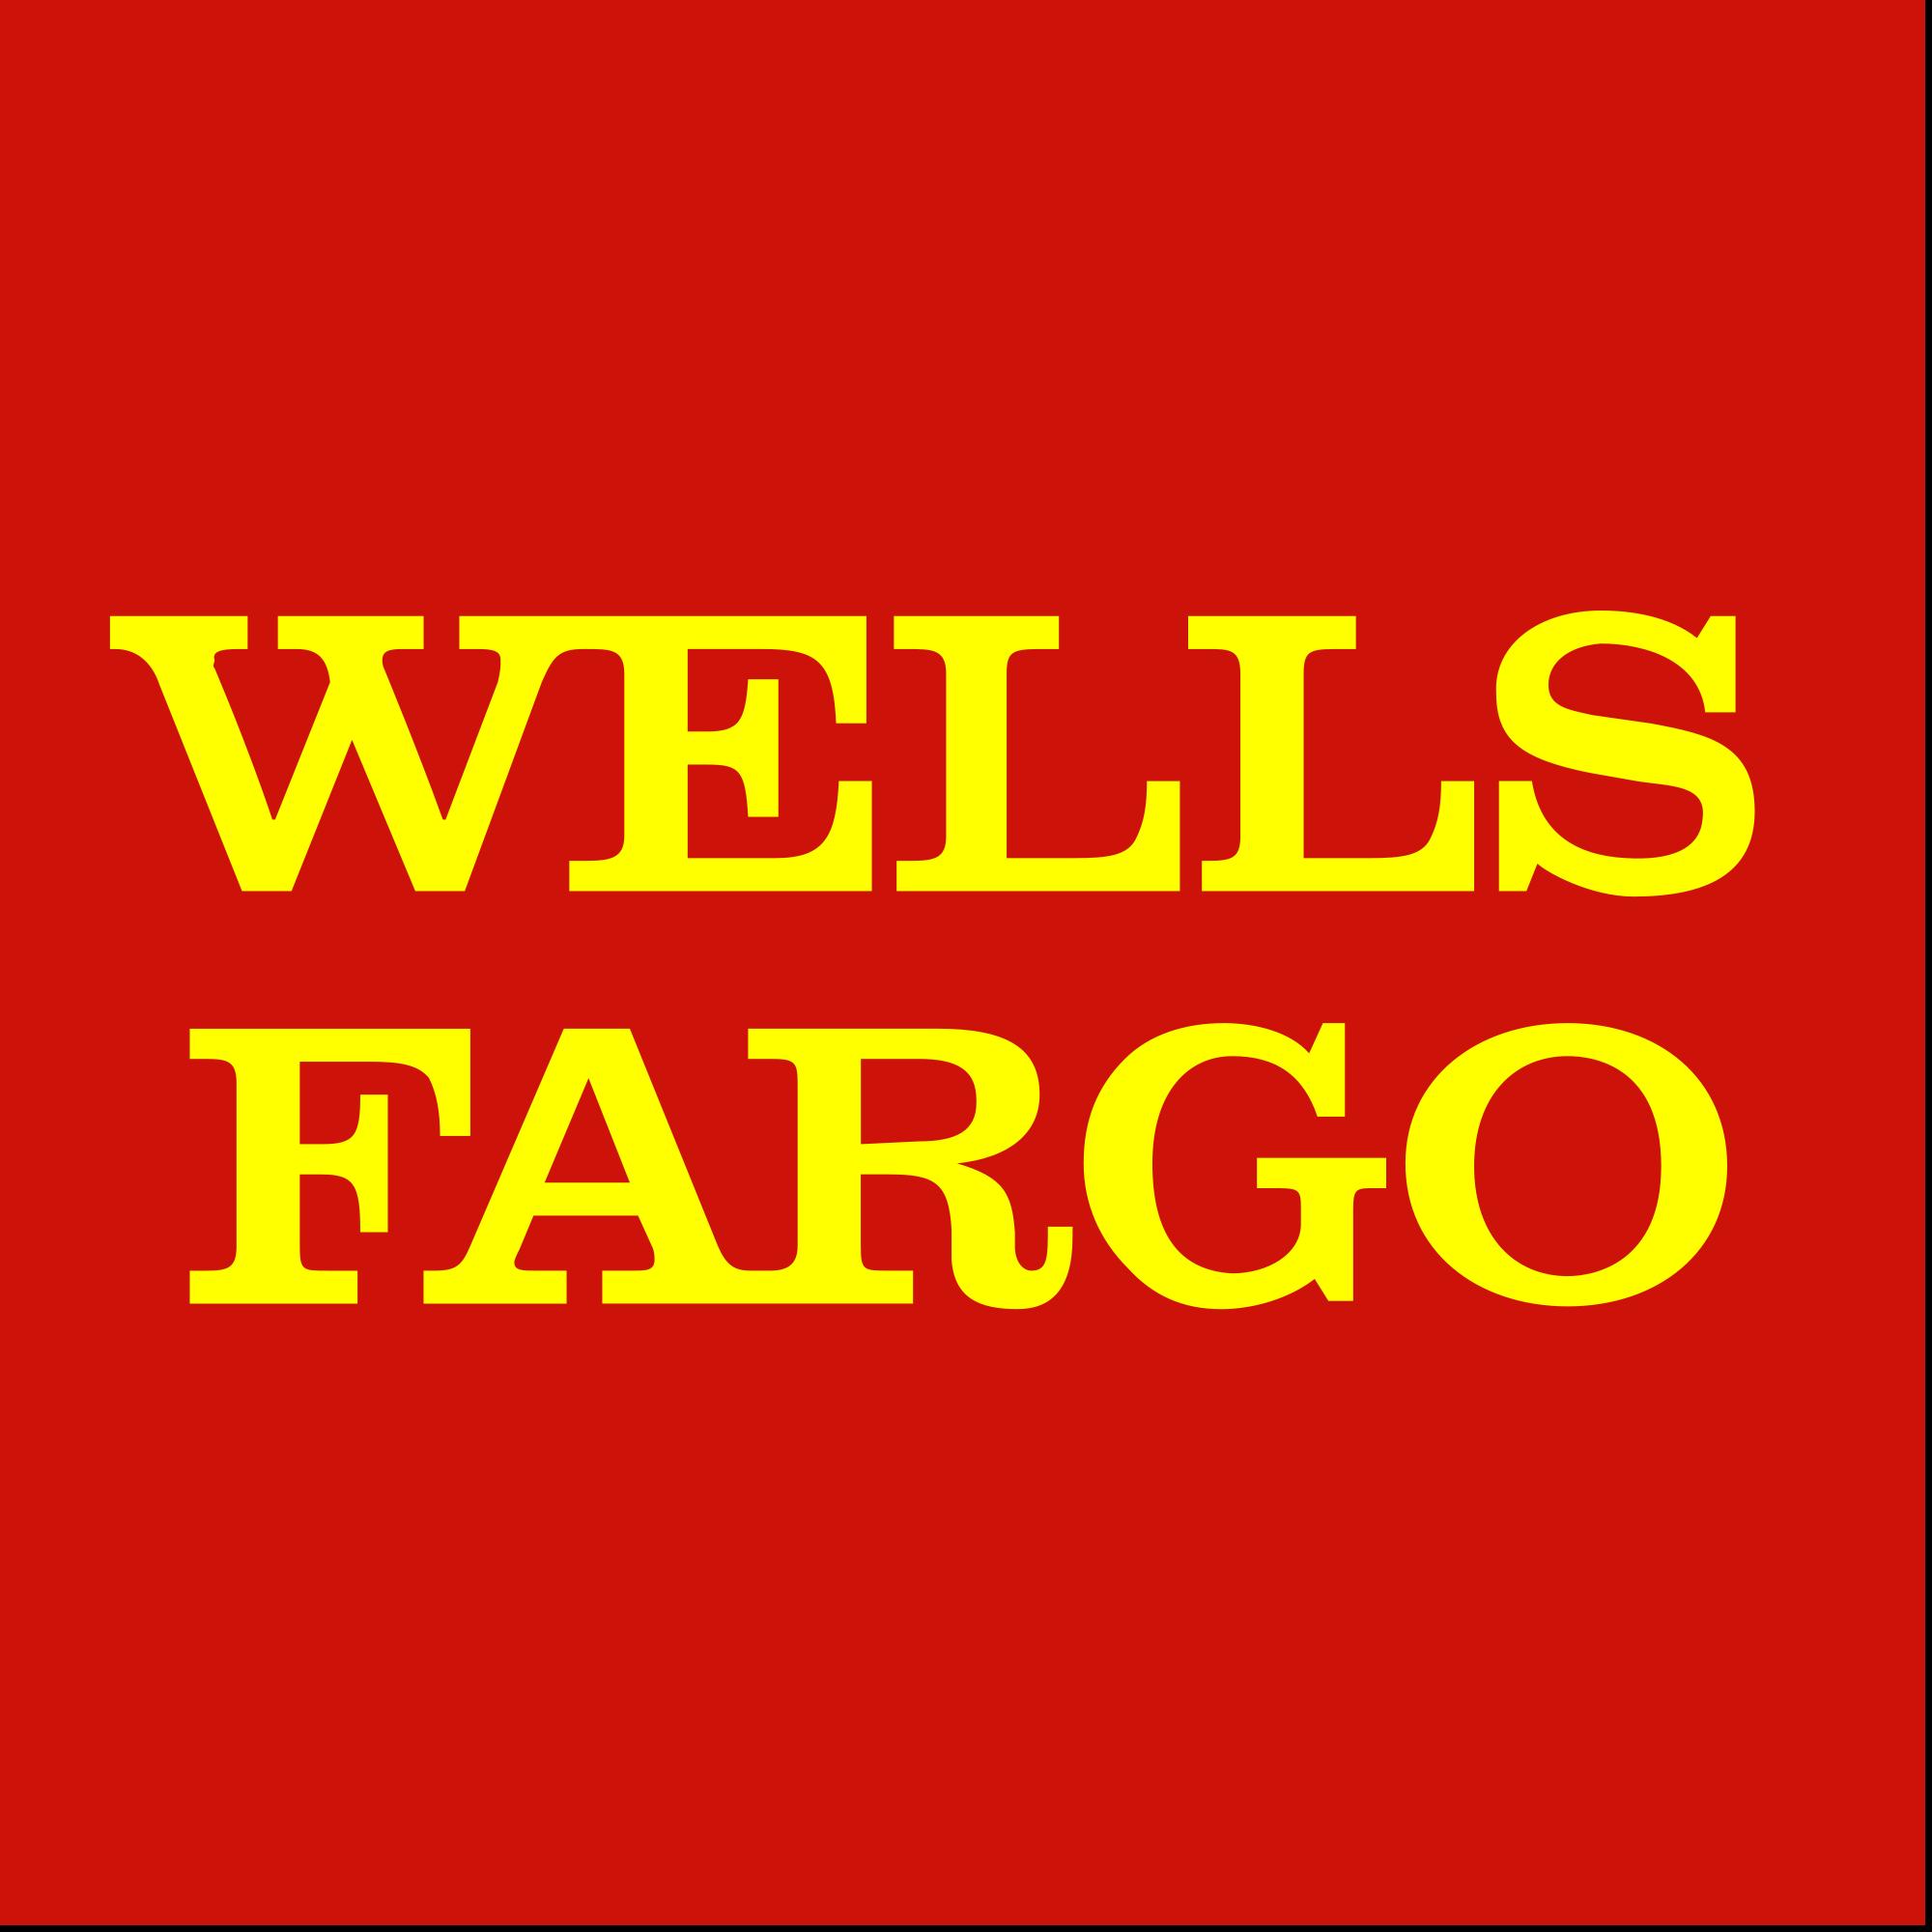 Wells_Fargo.png